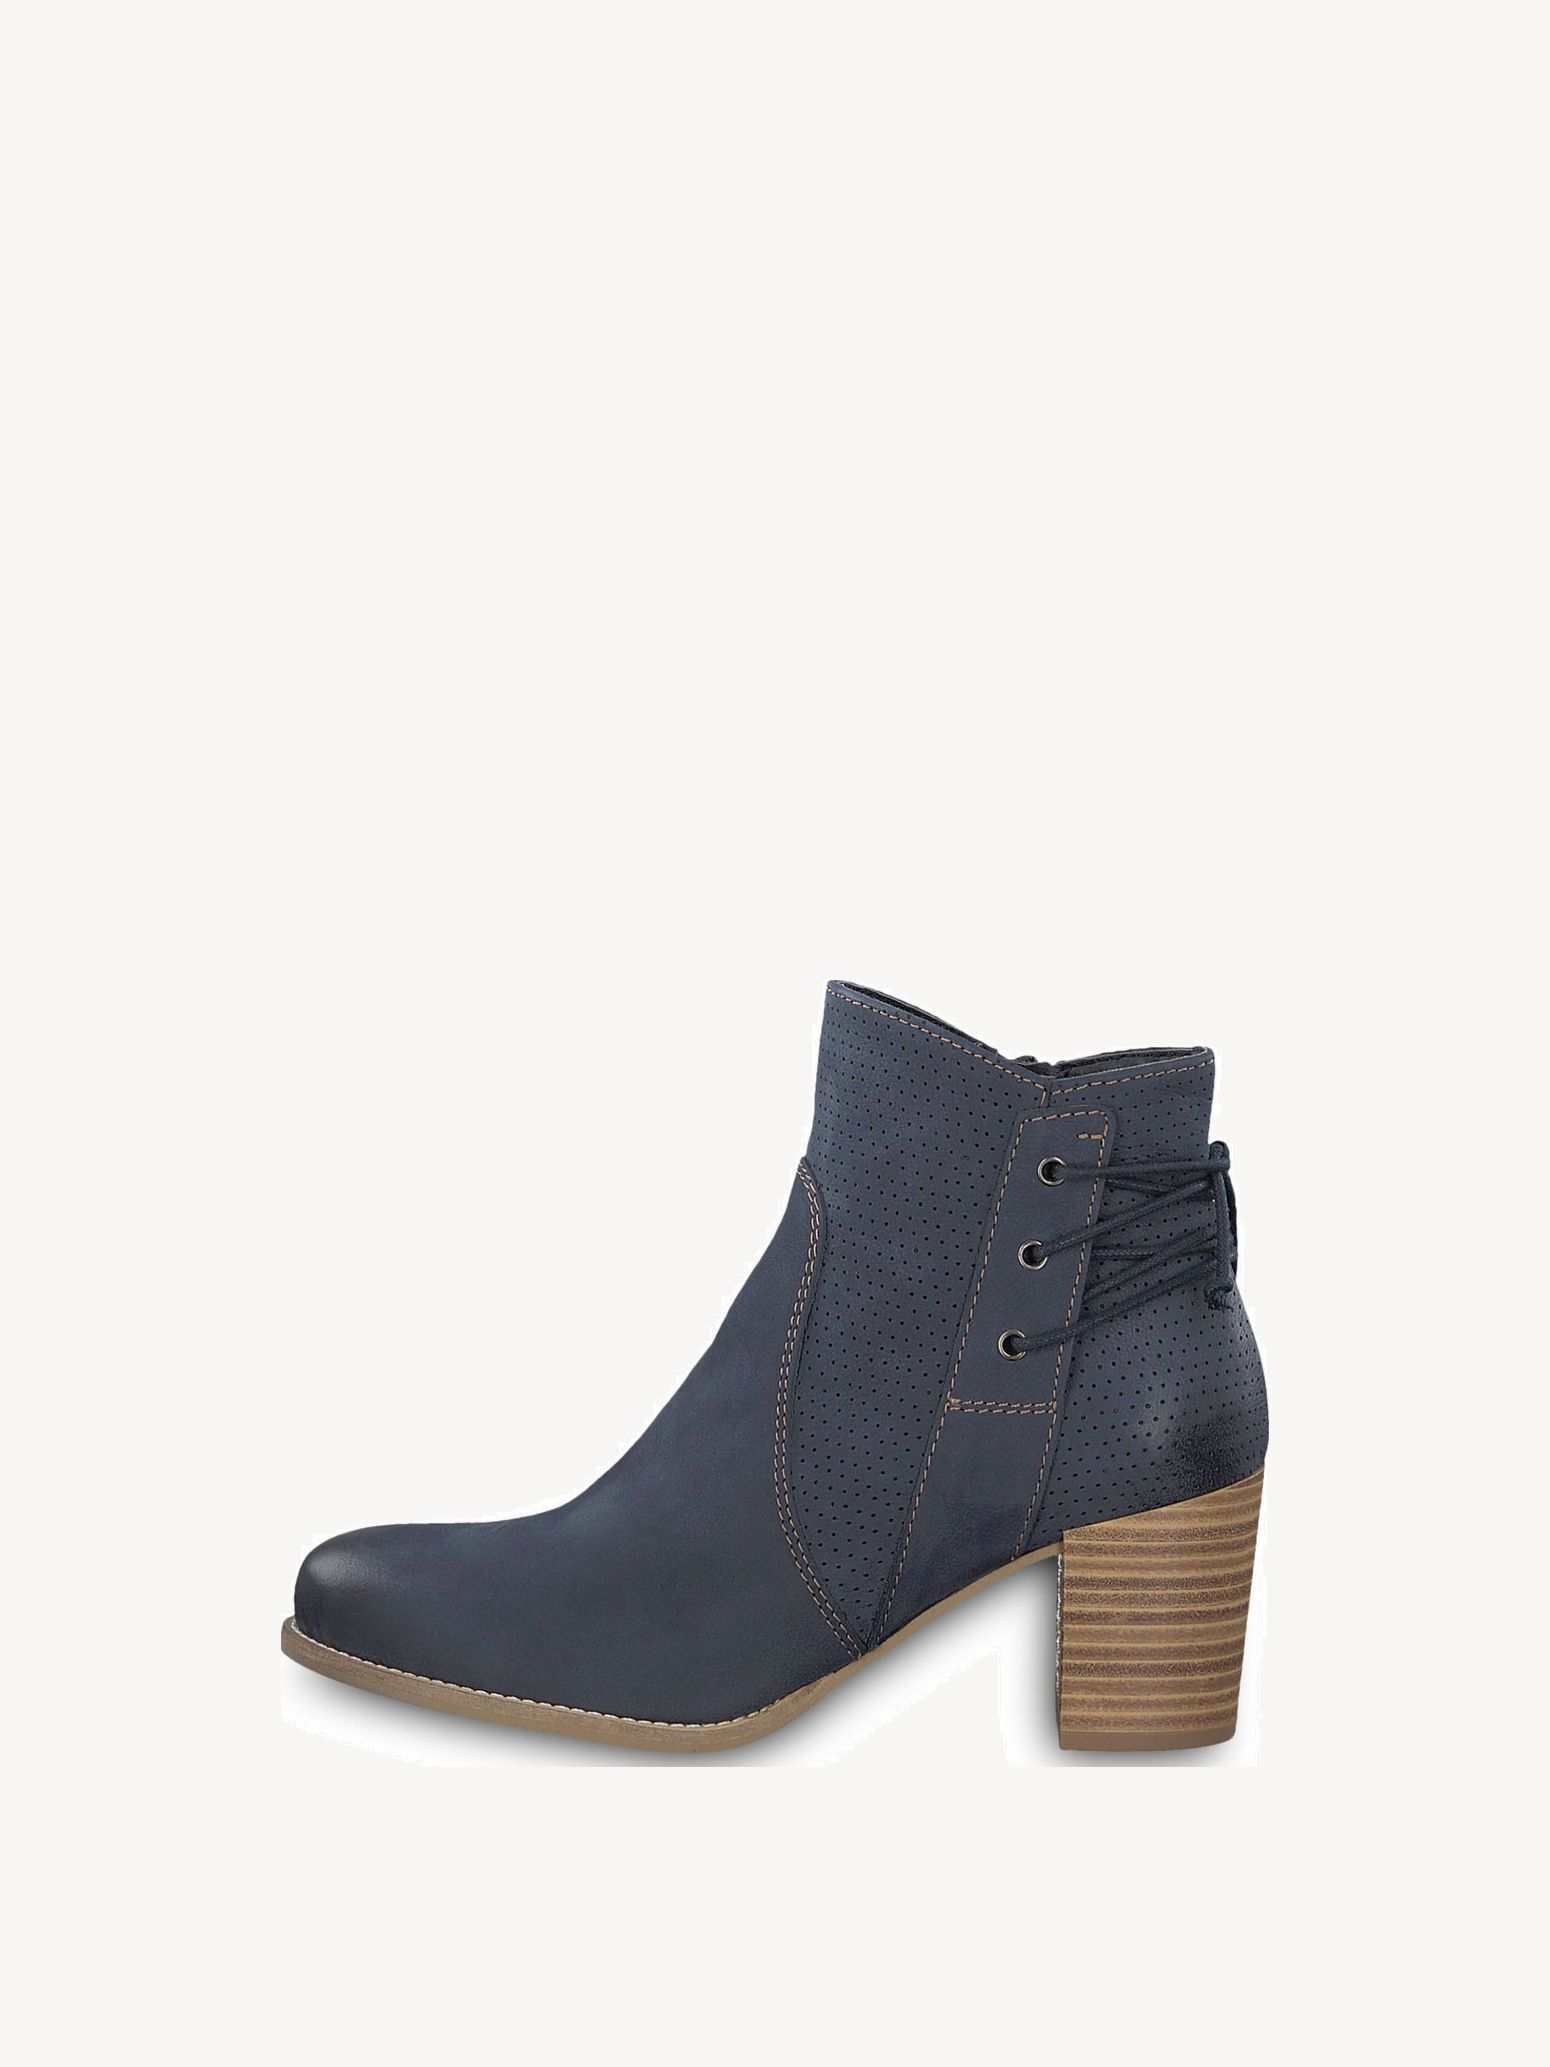 Chaussures automne vertes femme c8tMftWKJr